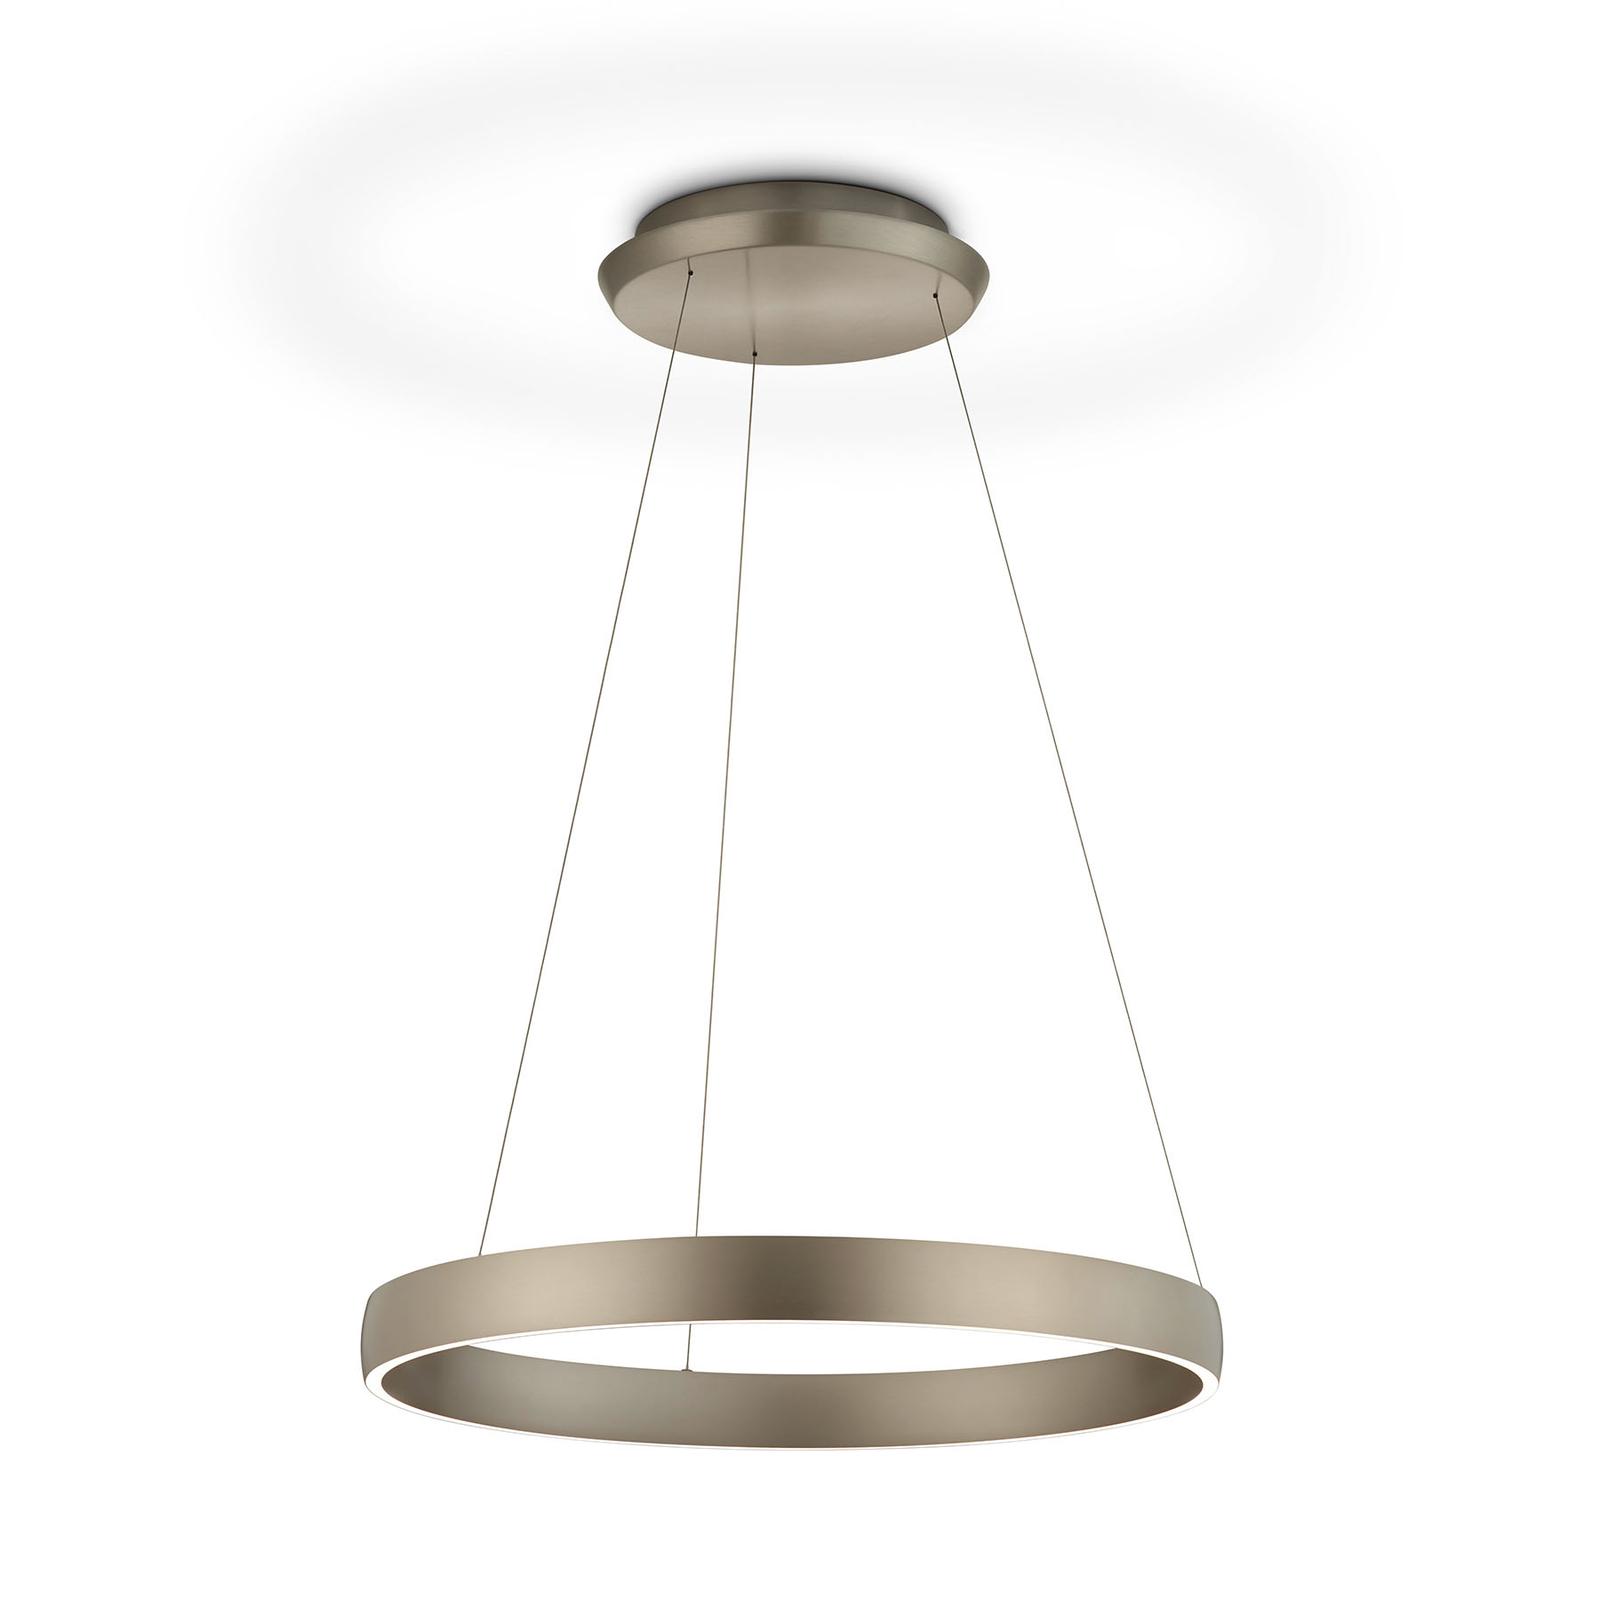 Lampa wisząca LED Sara-60 brązowa 2200-3000 K